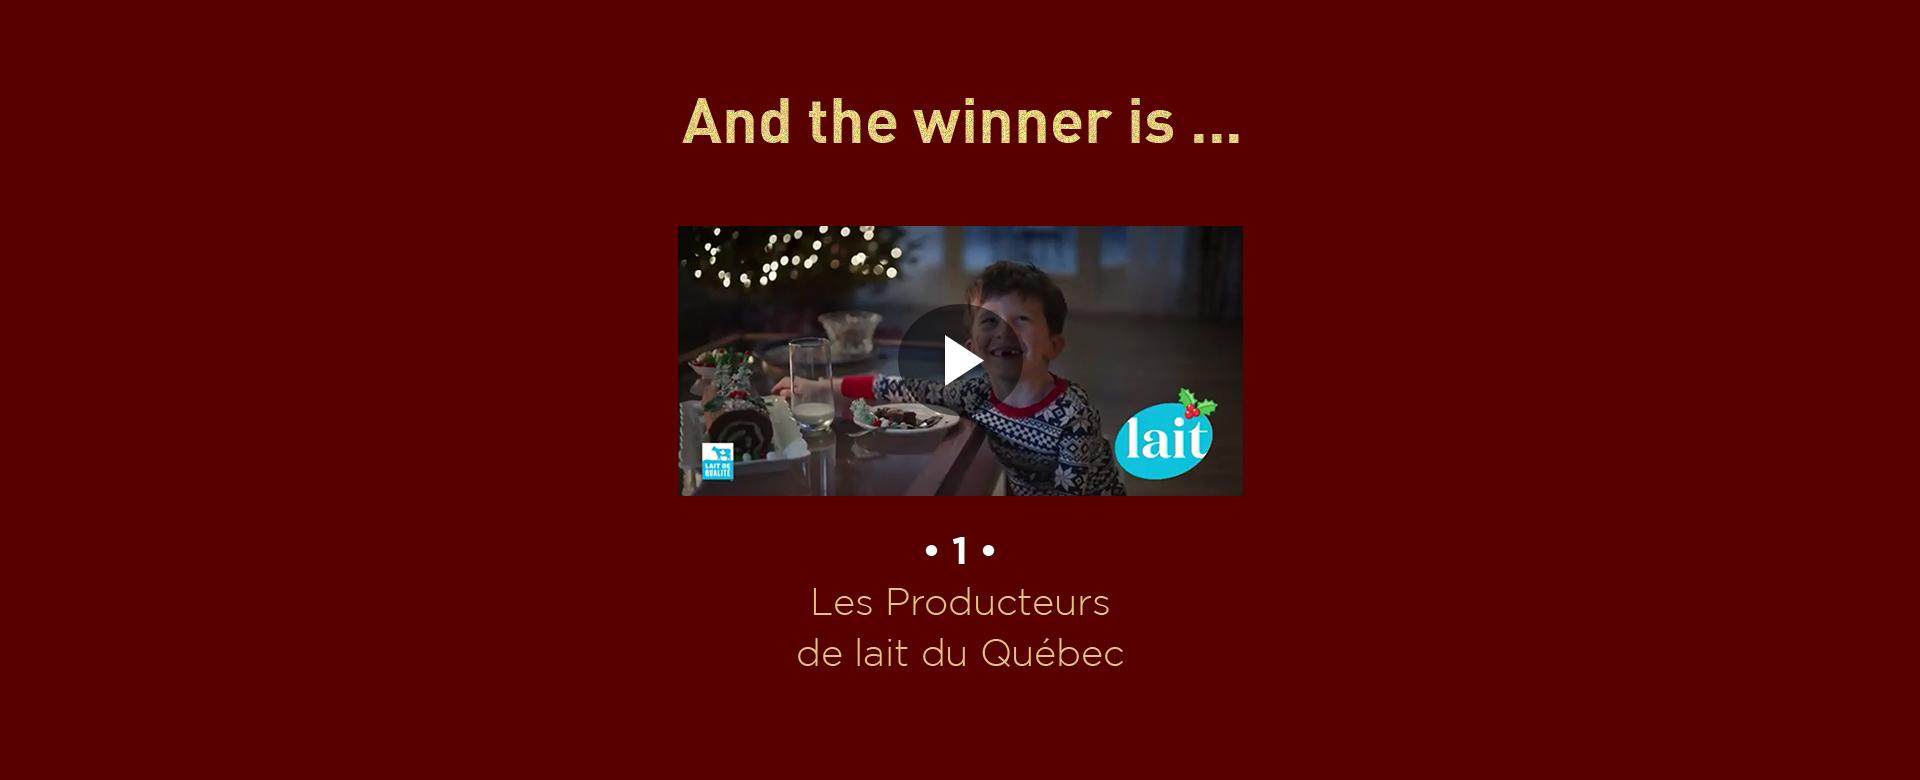 And the winner is ... Les Producteurs de lait du Québec